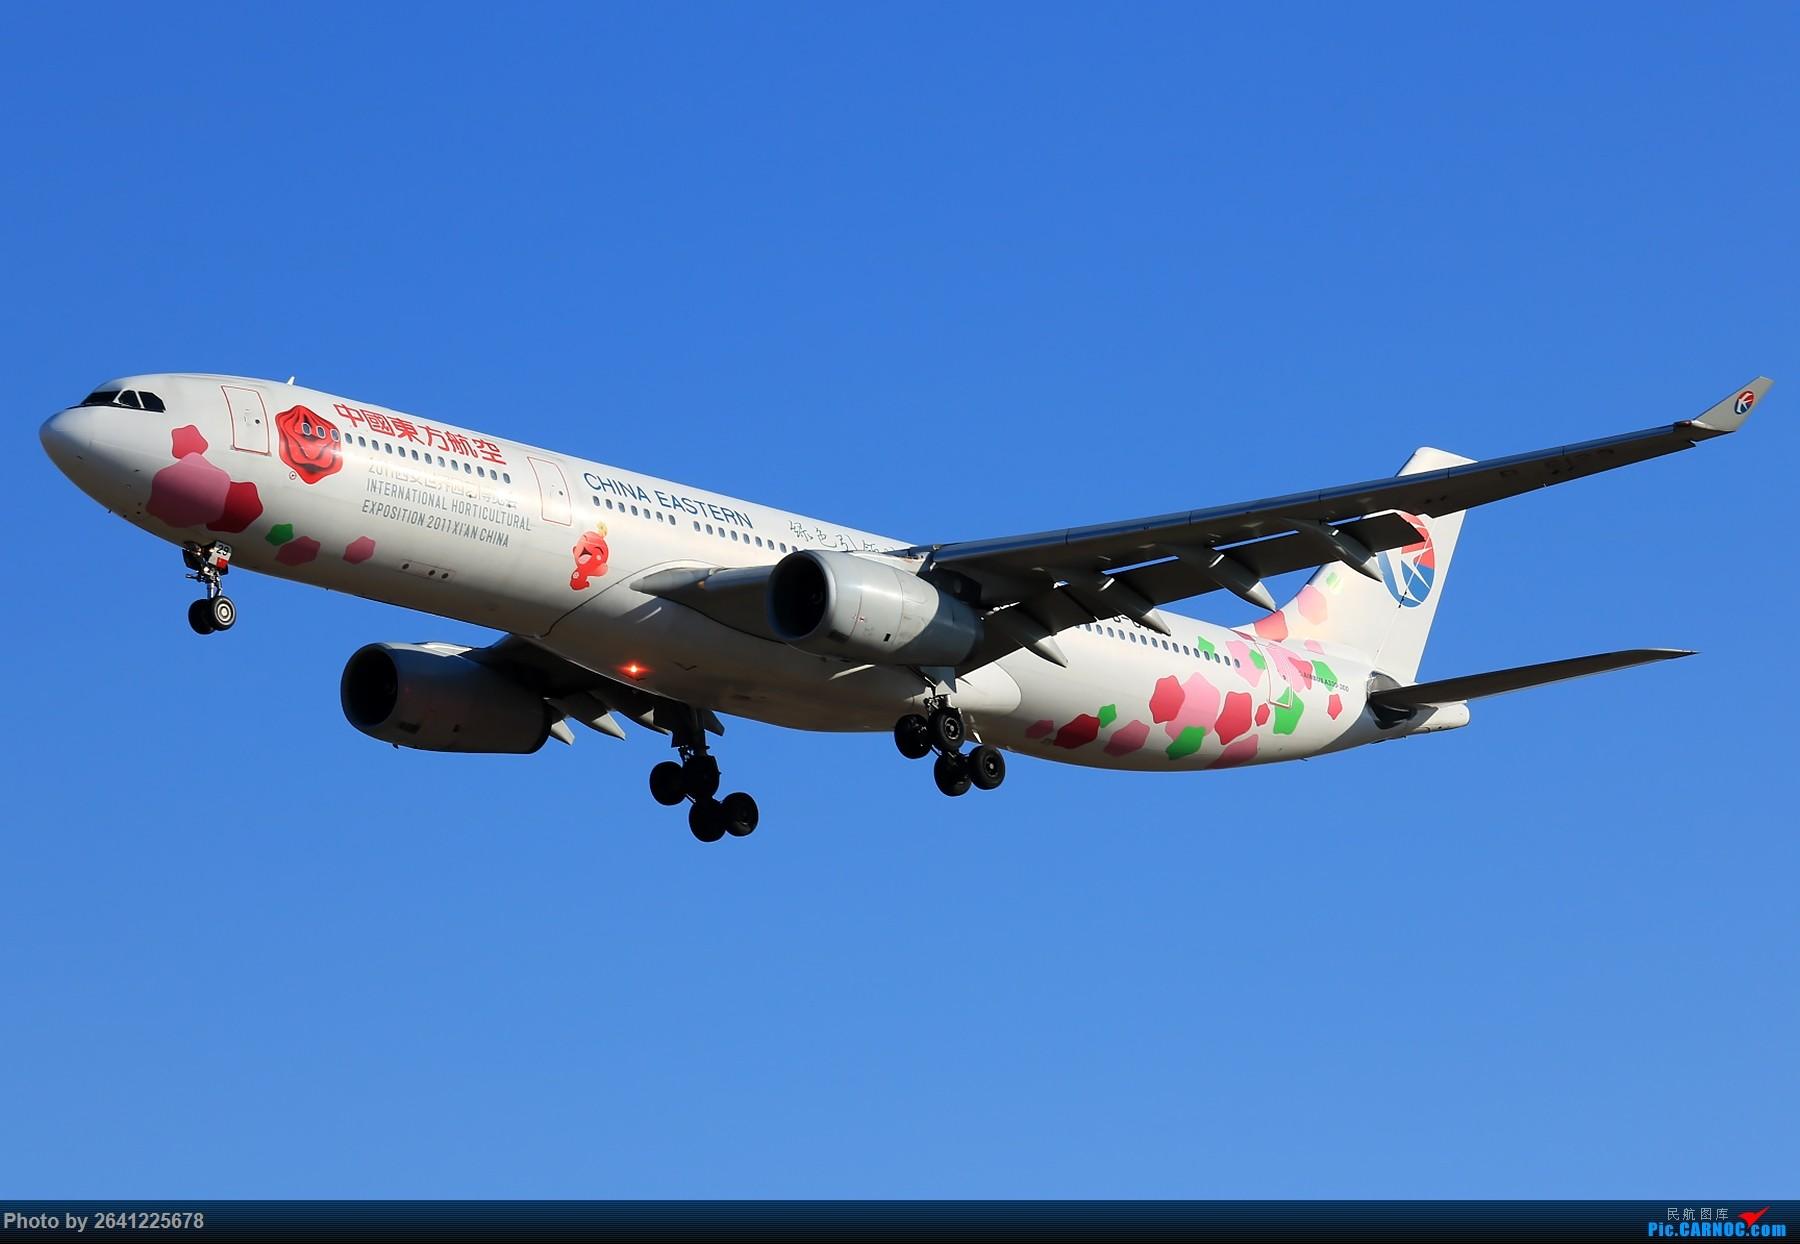 Re:[原创]【PEK】六七级北风吹走了雾霾,吹不走拍机的热情!1800*1200/1920*1280一组 图片略多,慢慢发 AIRBUS A330-300 B-6129 中国北京首都国际机场